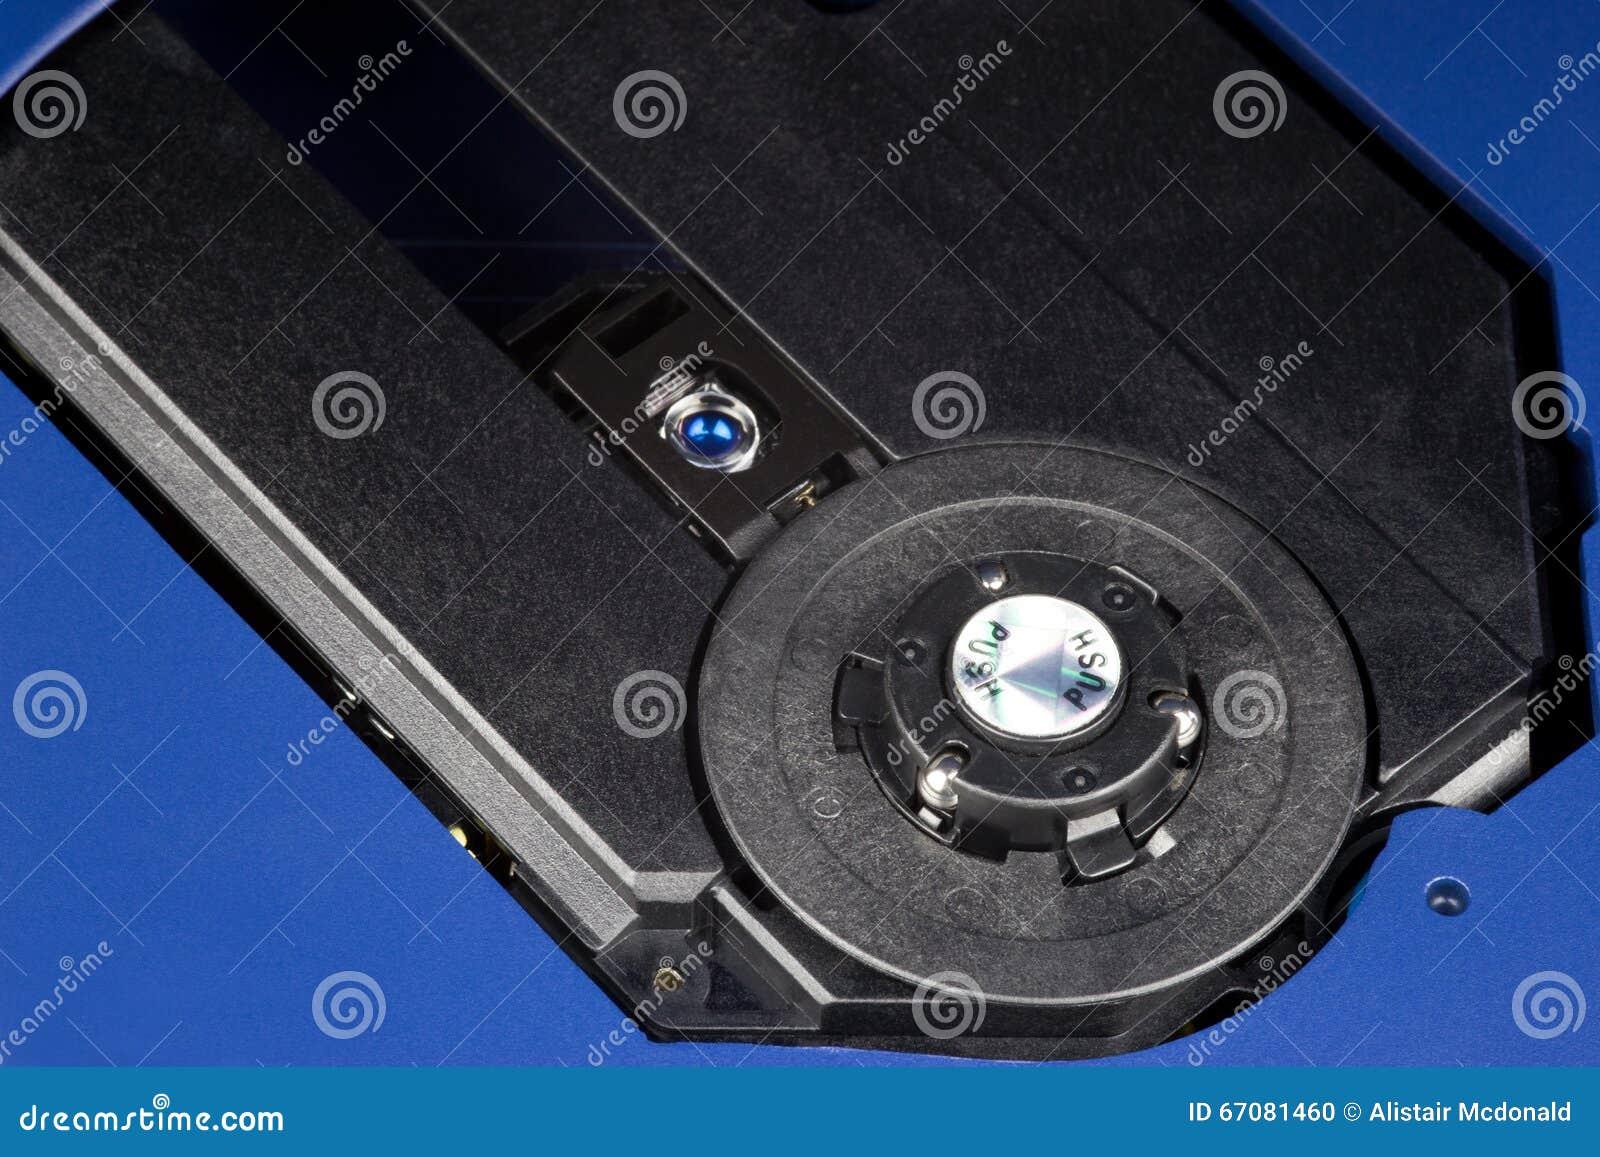 Öppna CD-spelare som visar laser och spindeln